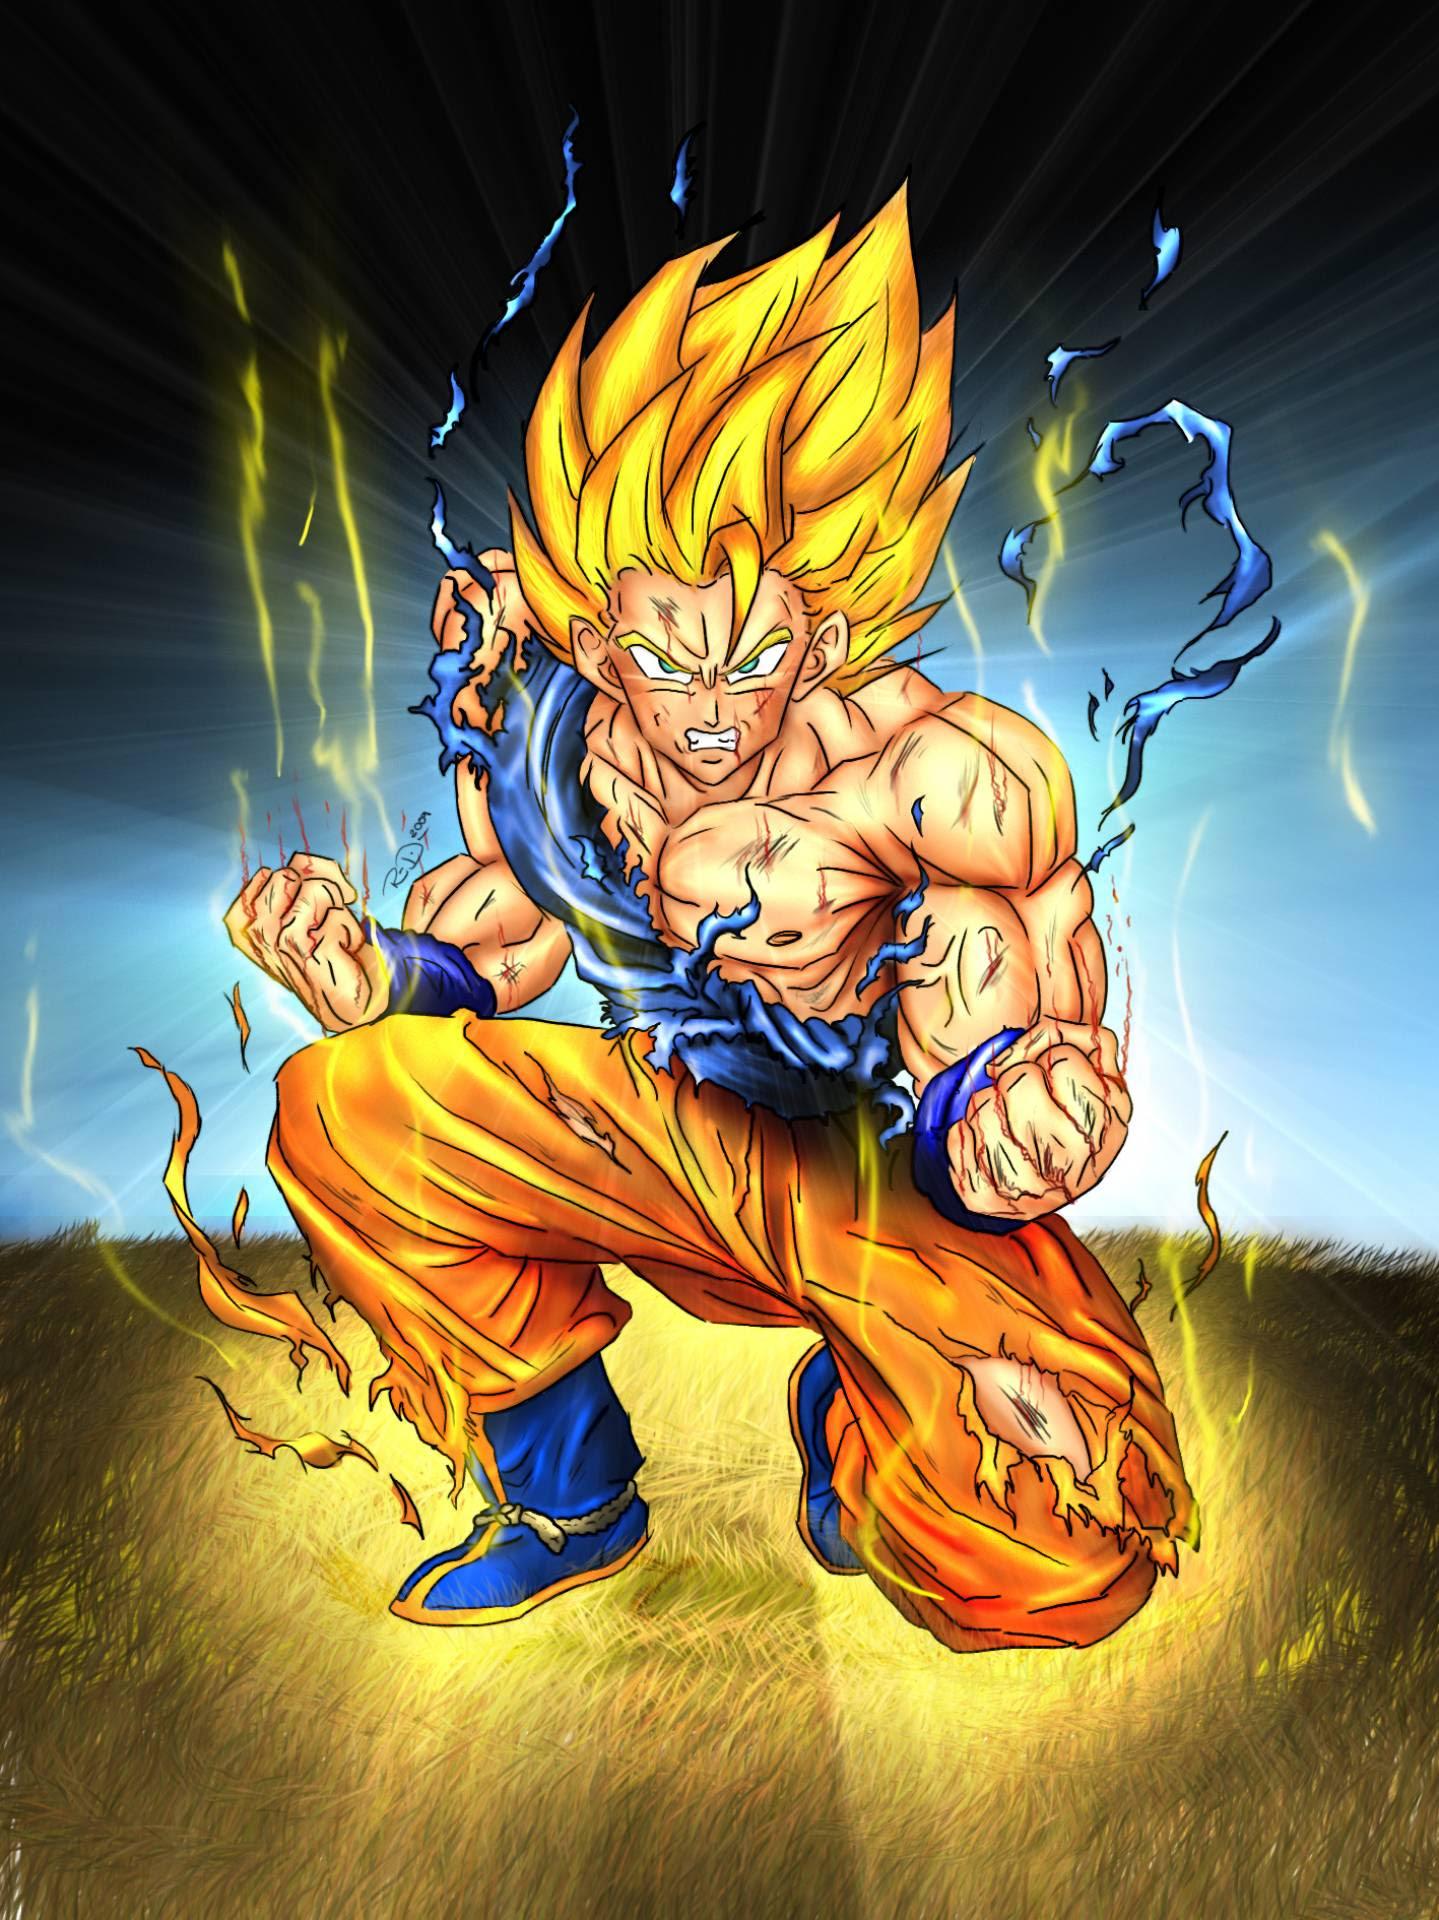 Super Saiyan Goku Dragon Ball Z Fan Art 35516340 Fanpop